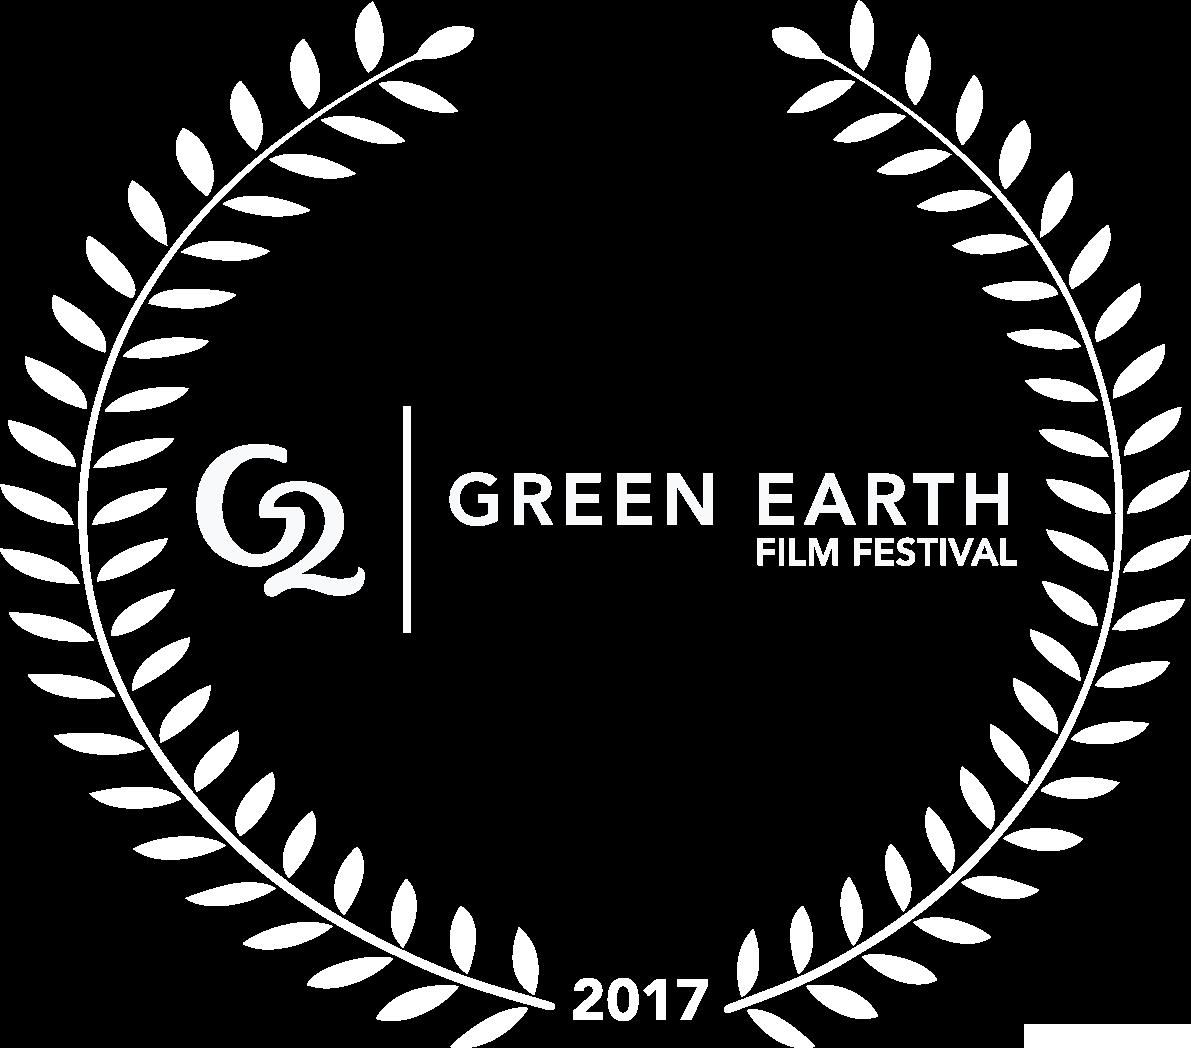 G2-Green-Earth-Film-Festival---laurel--white.png